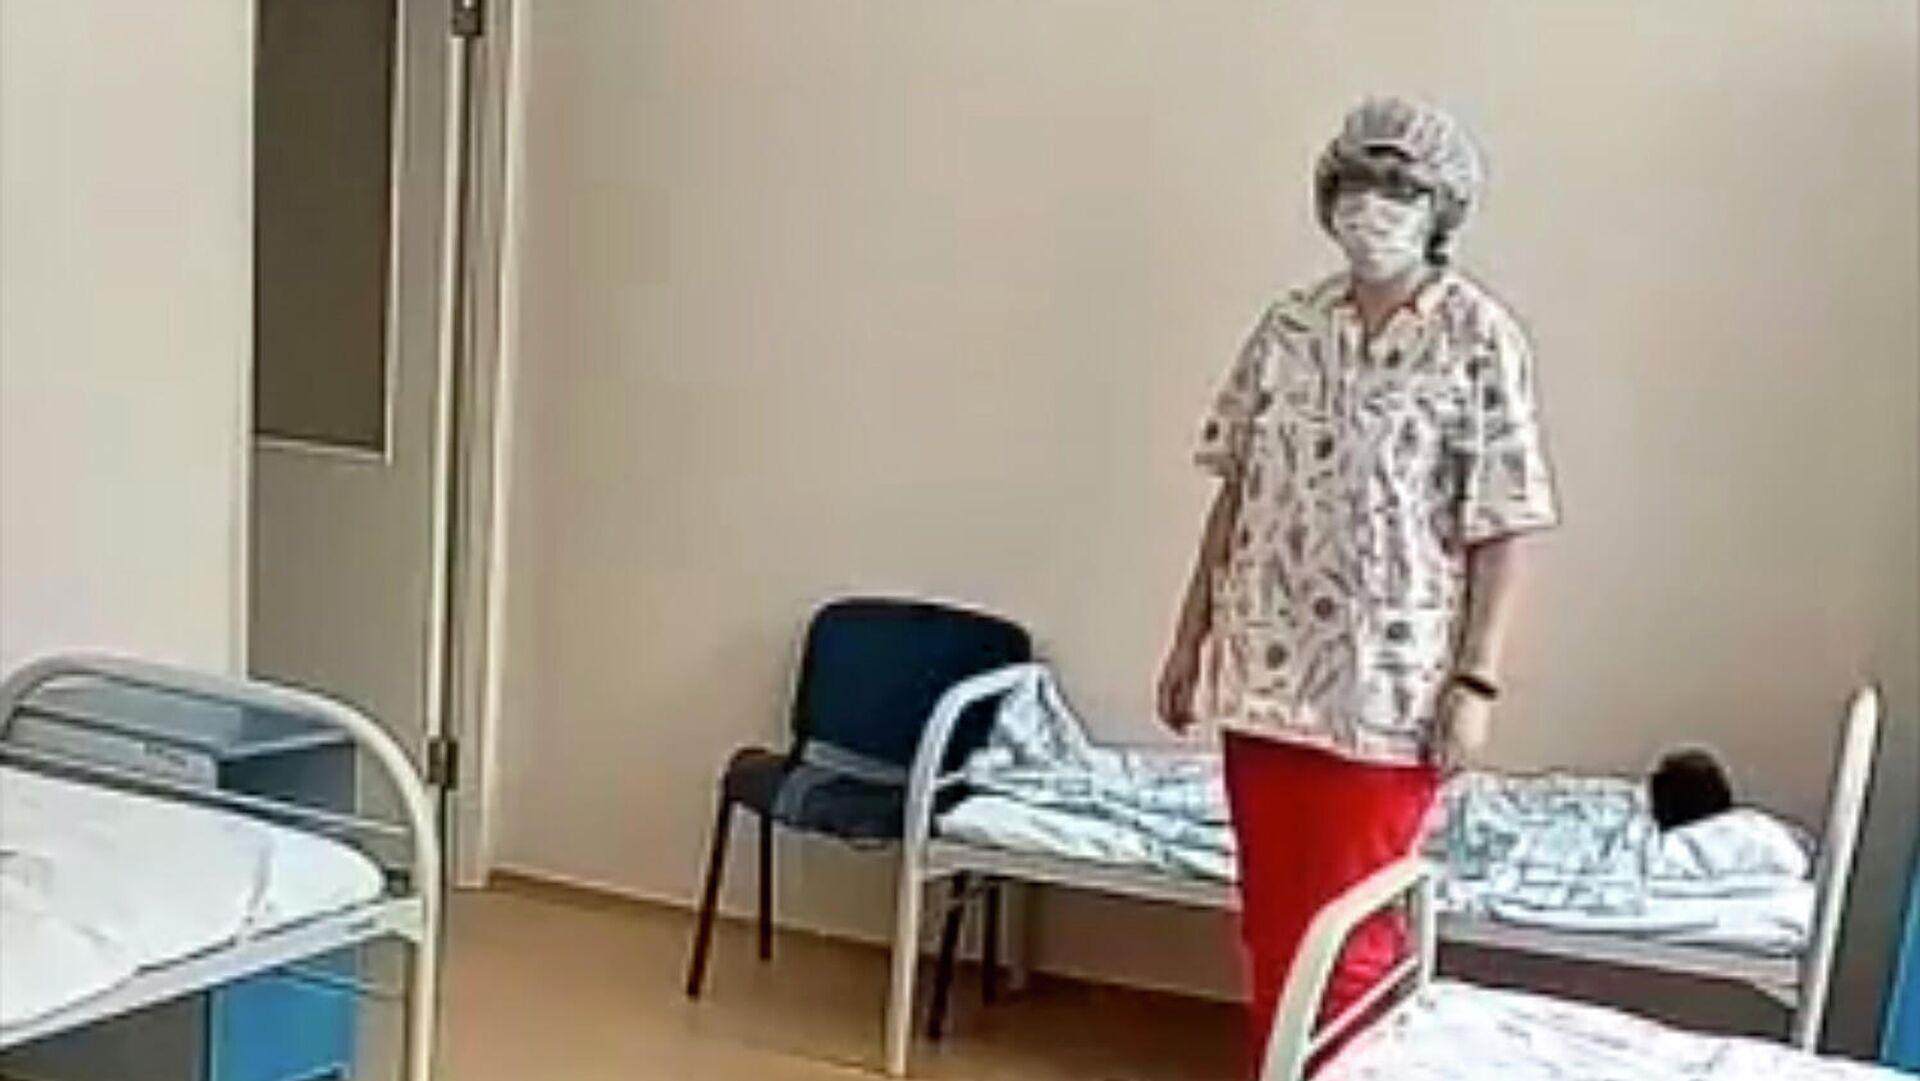 Кадр видео жестокого обращения с ребенком в больнице в Новосибирске - РИА Новости, 1920, 07.11.2020